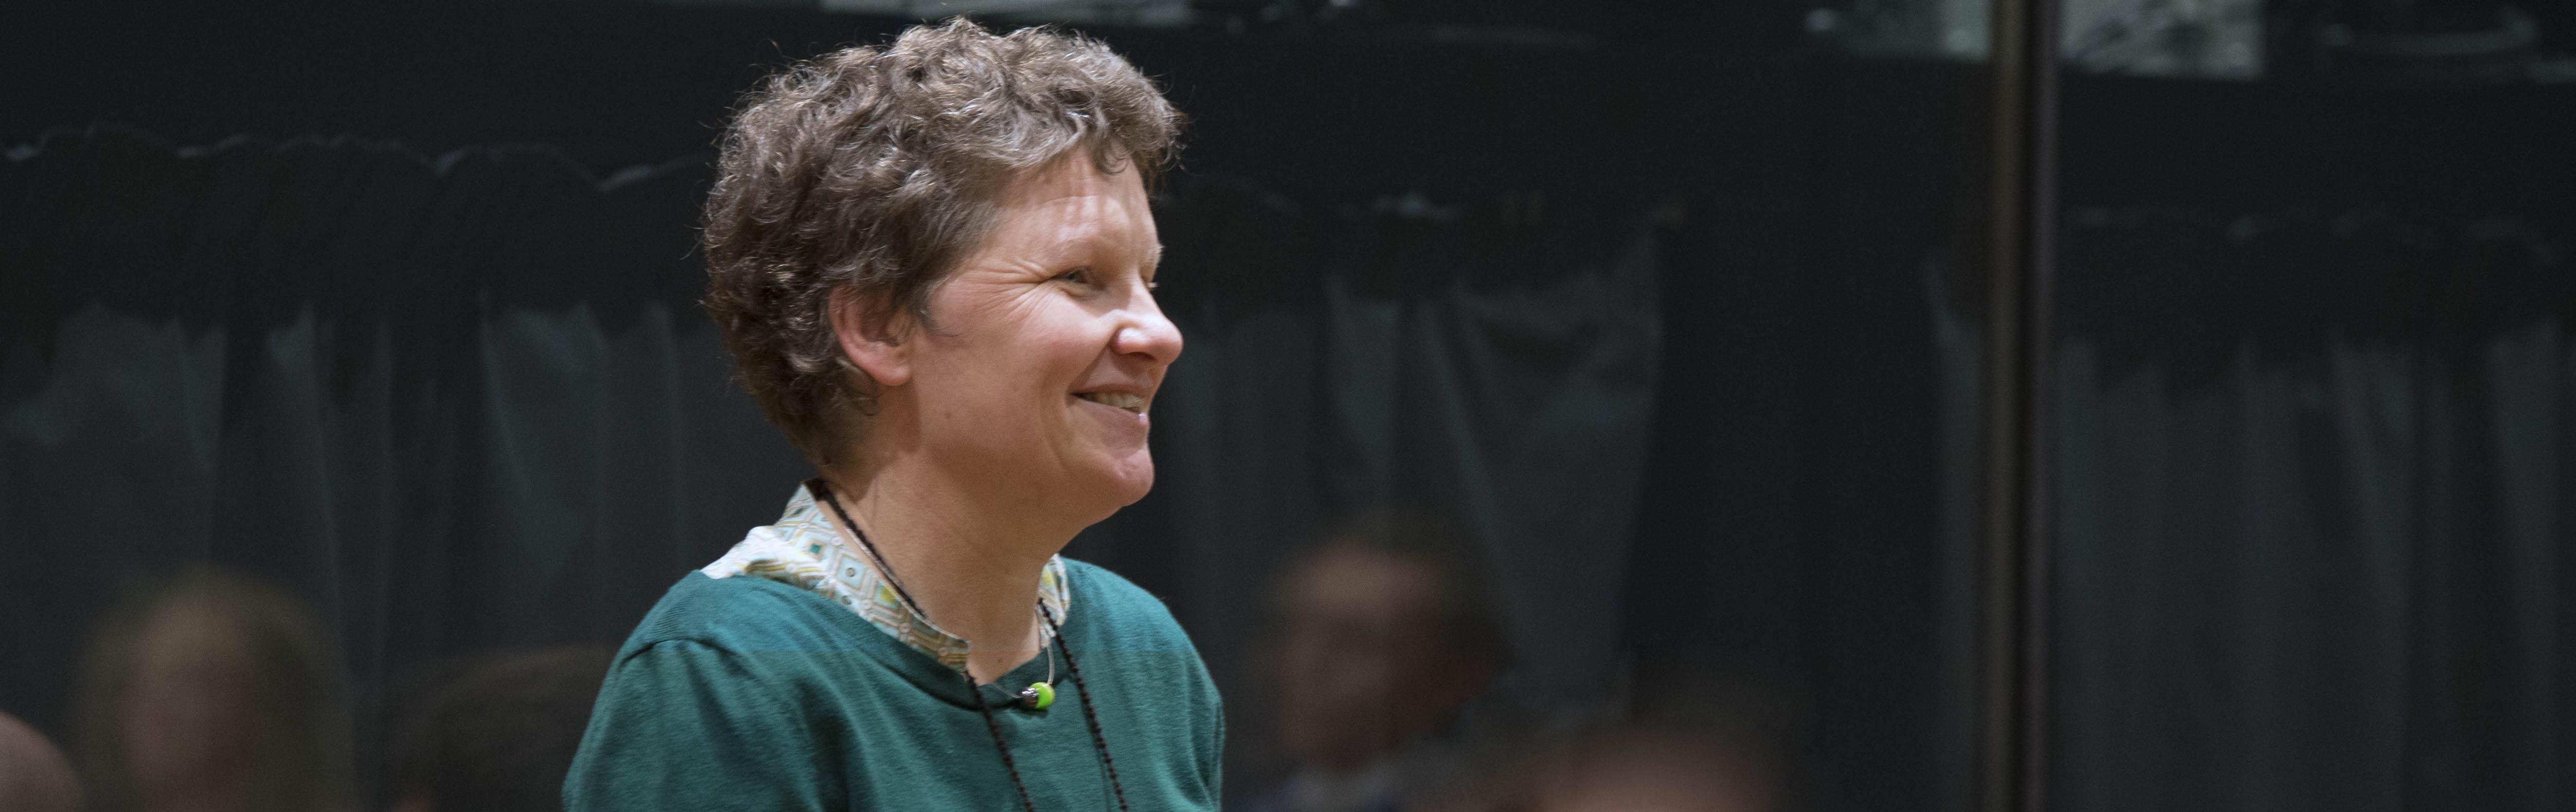 Marlene Hardt wird neue Ombudsfrau der Deutschsprachigen Gemeinschaft